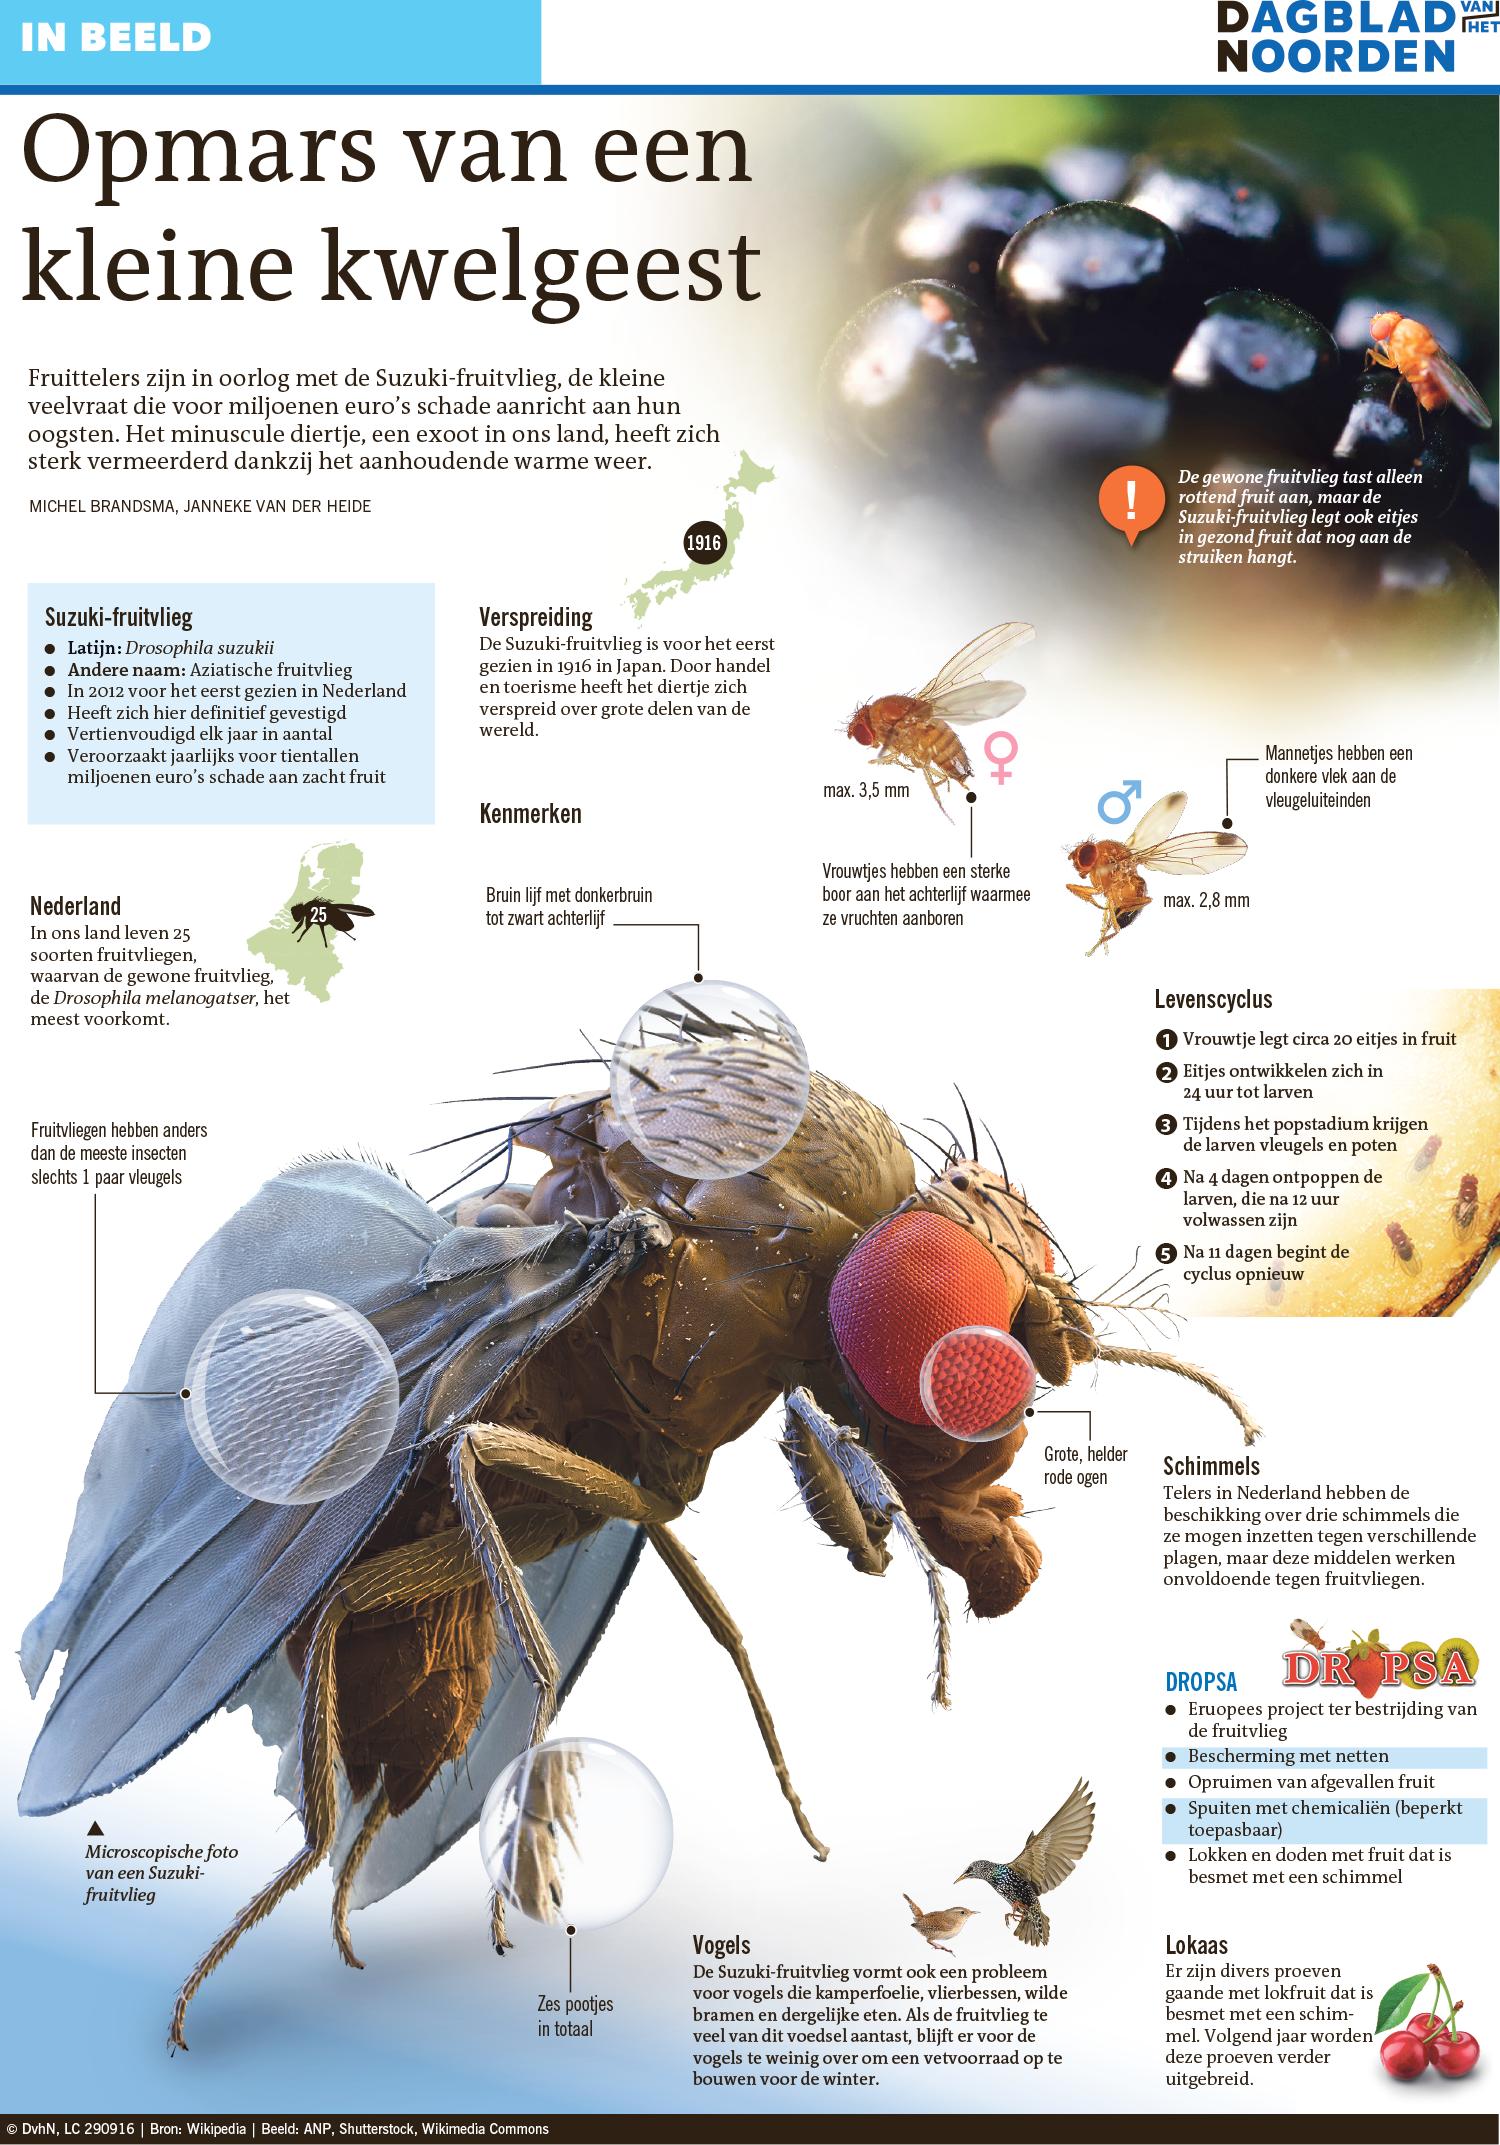 De Suzuki fruitvlieg in een vogelvlucht